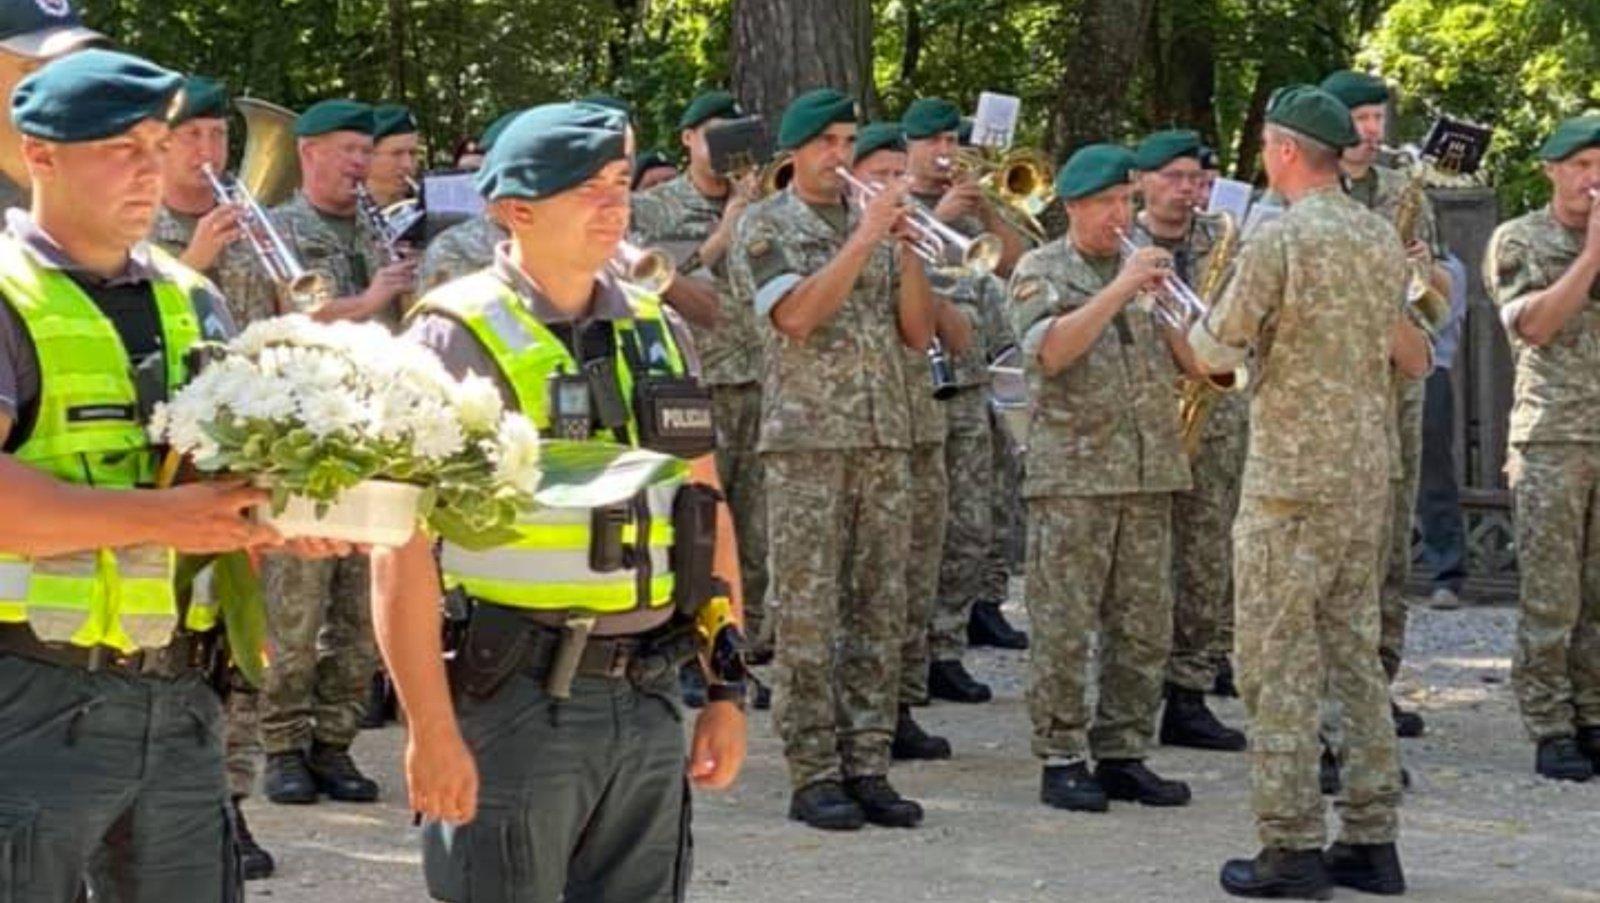 Alytaus rajone paminėtos kario savanorio Artūro Sakalausko 29-osios žūties metinės